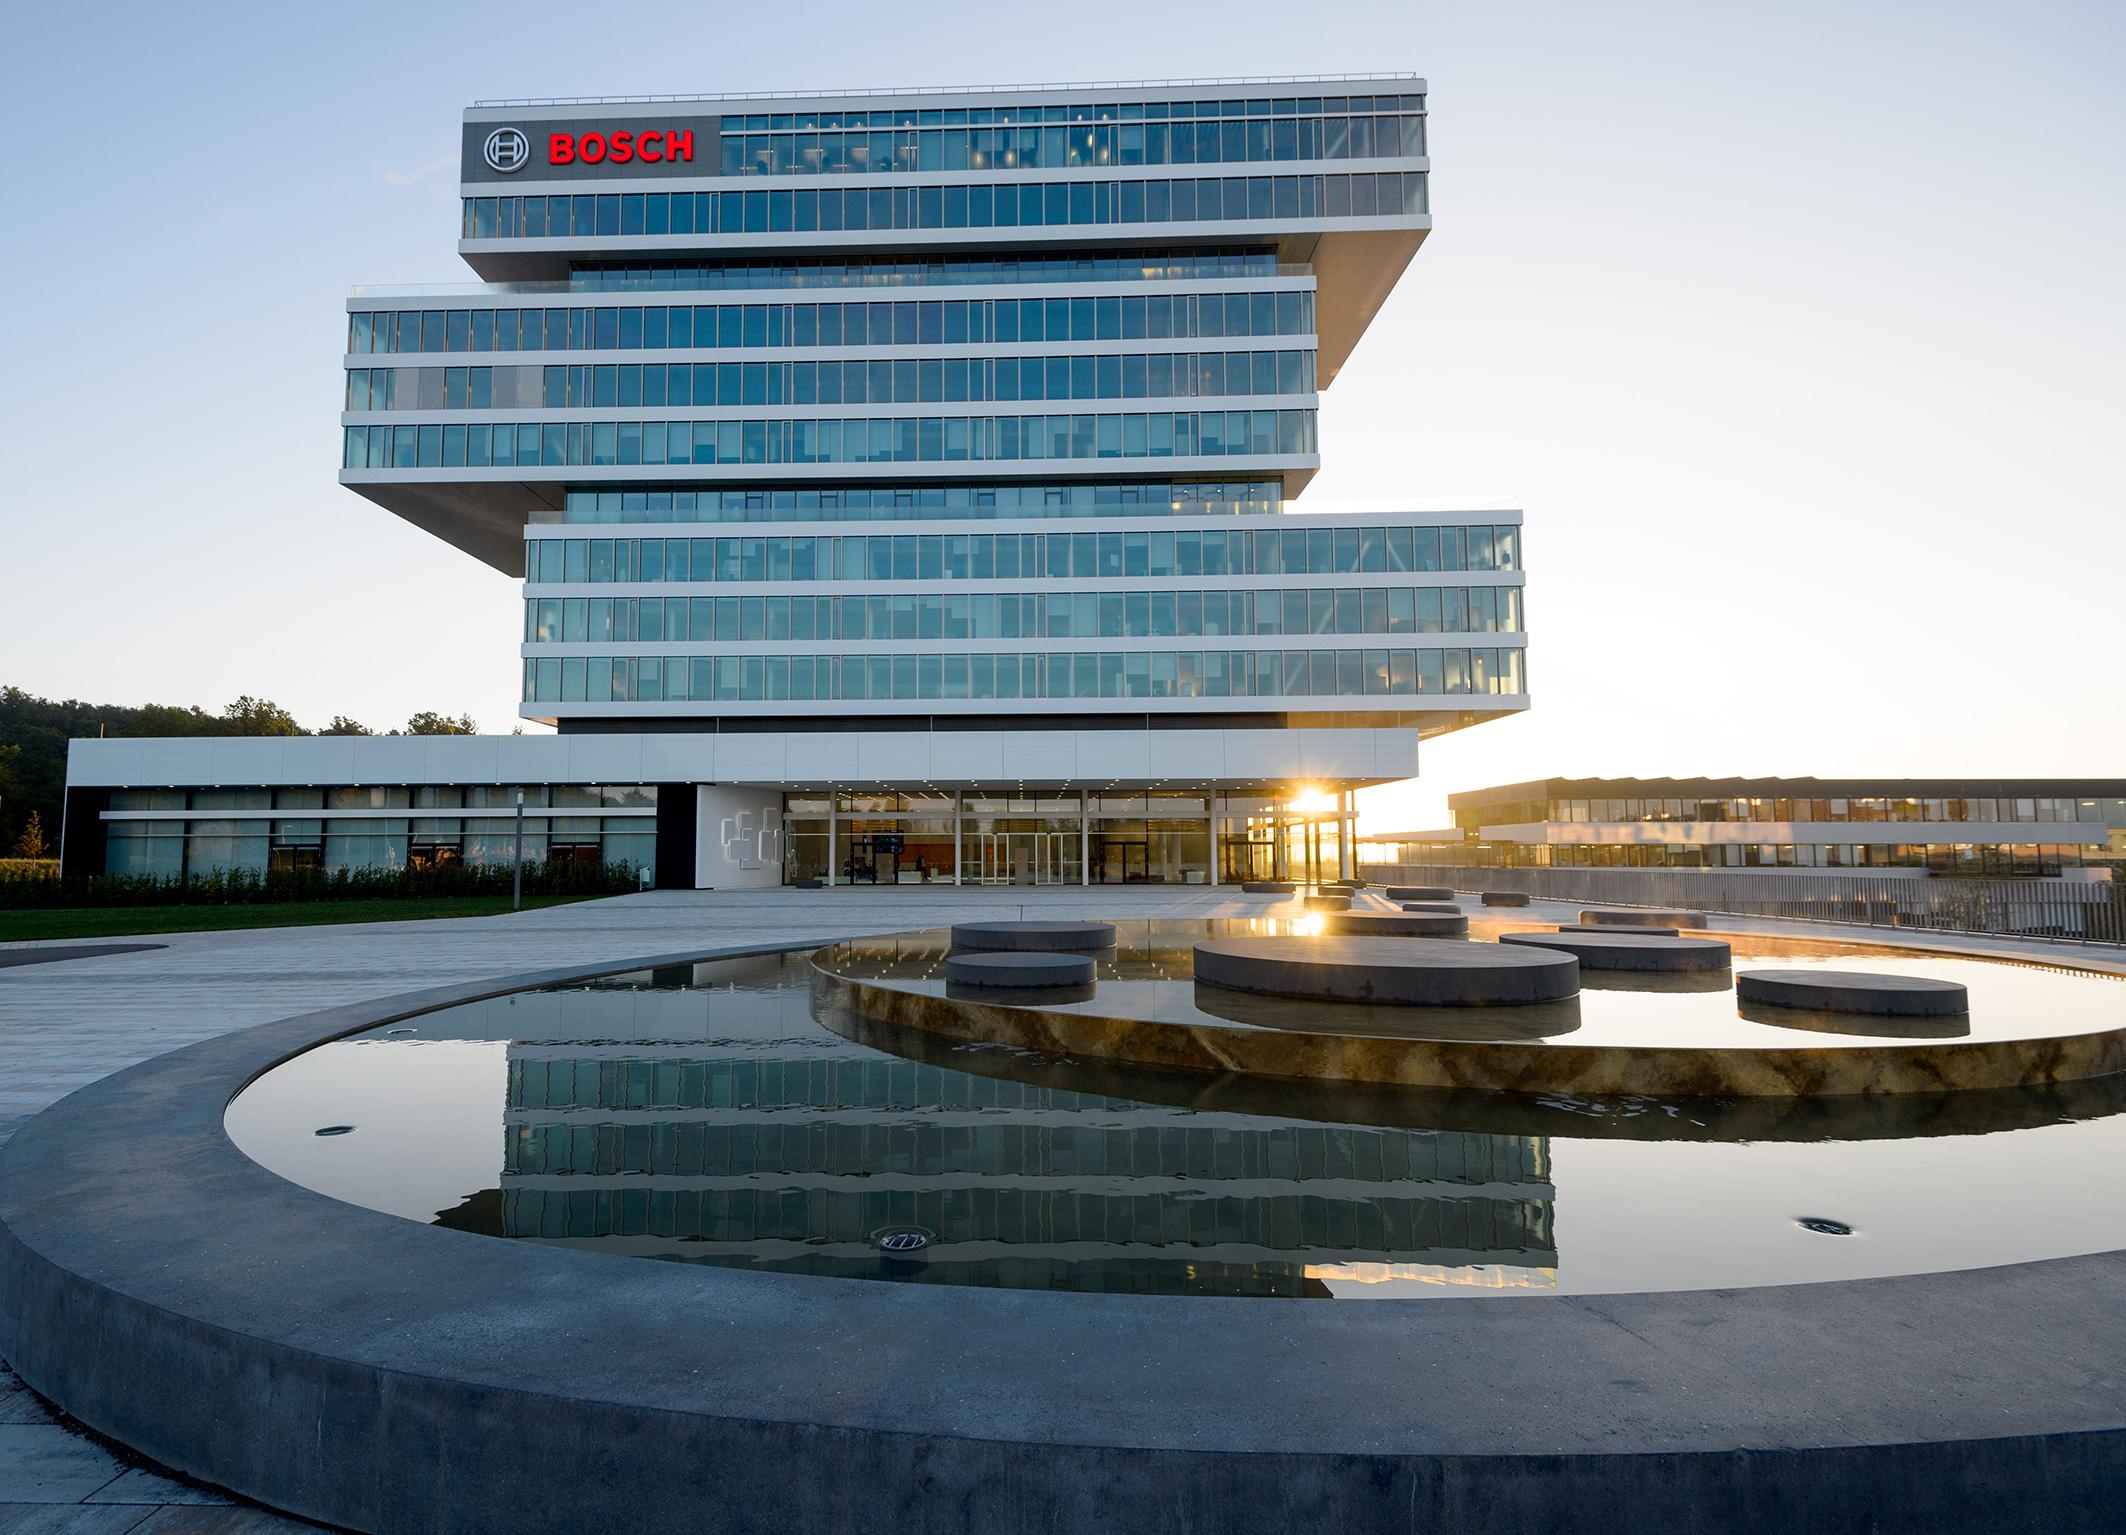 Bosch's Forschungscampus in Renningen, Germany